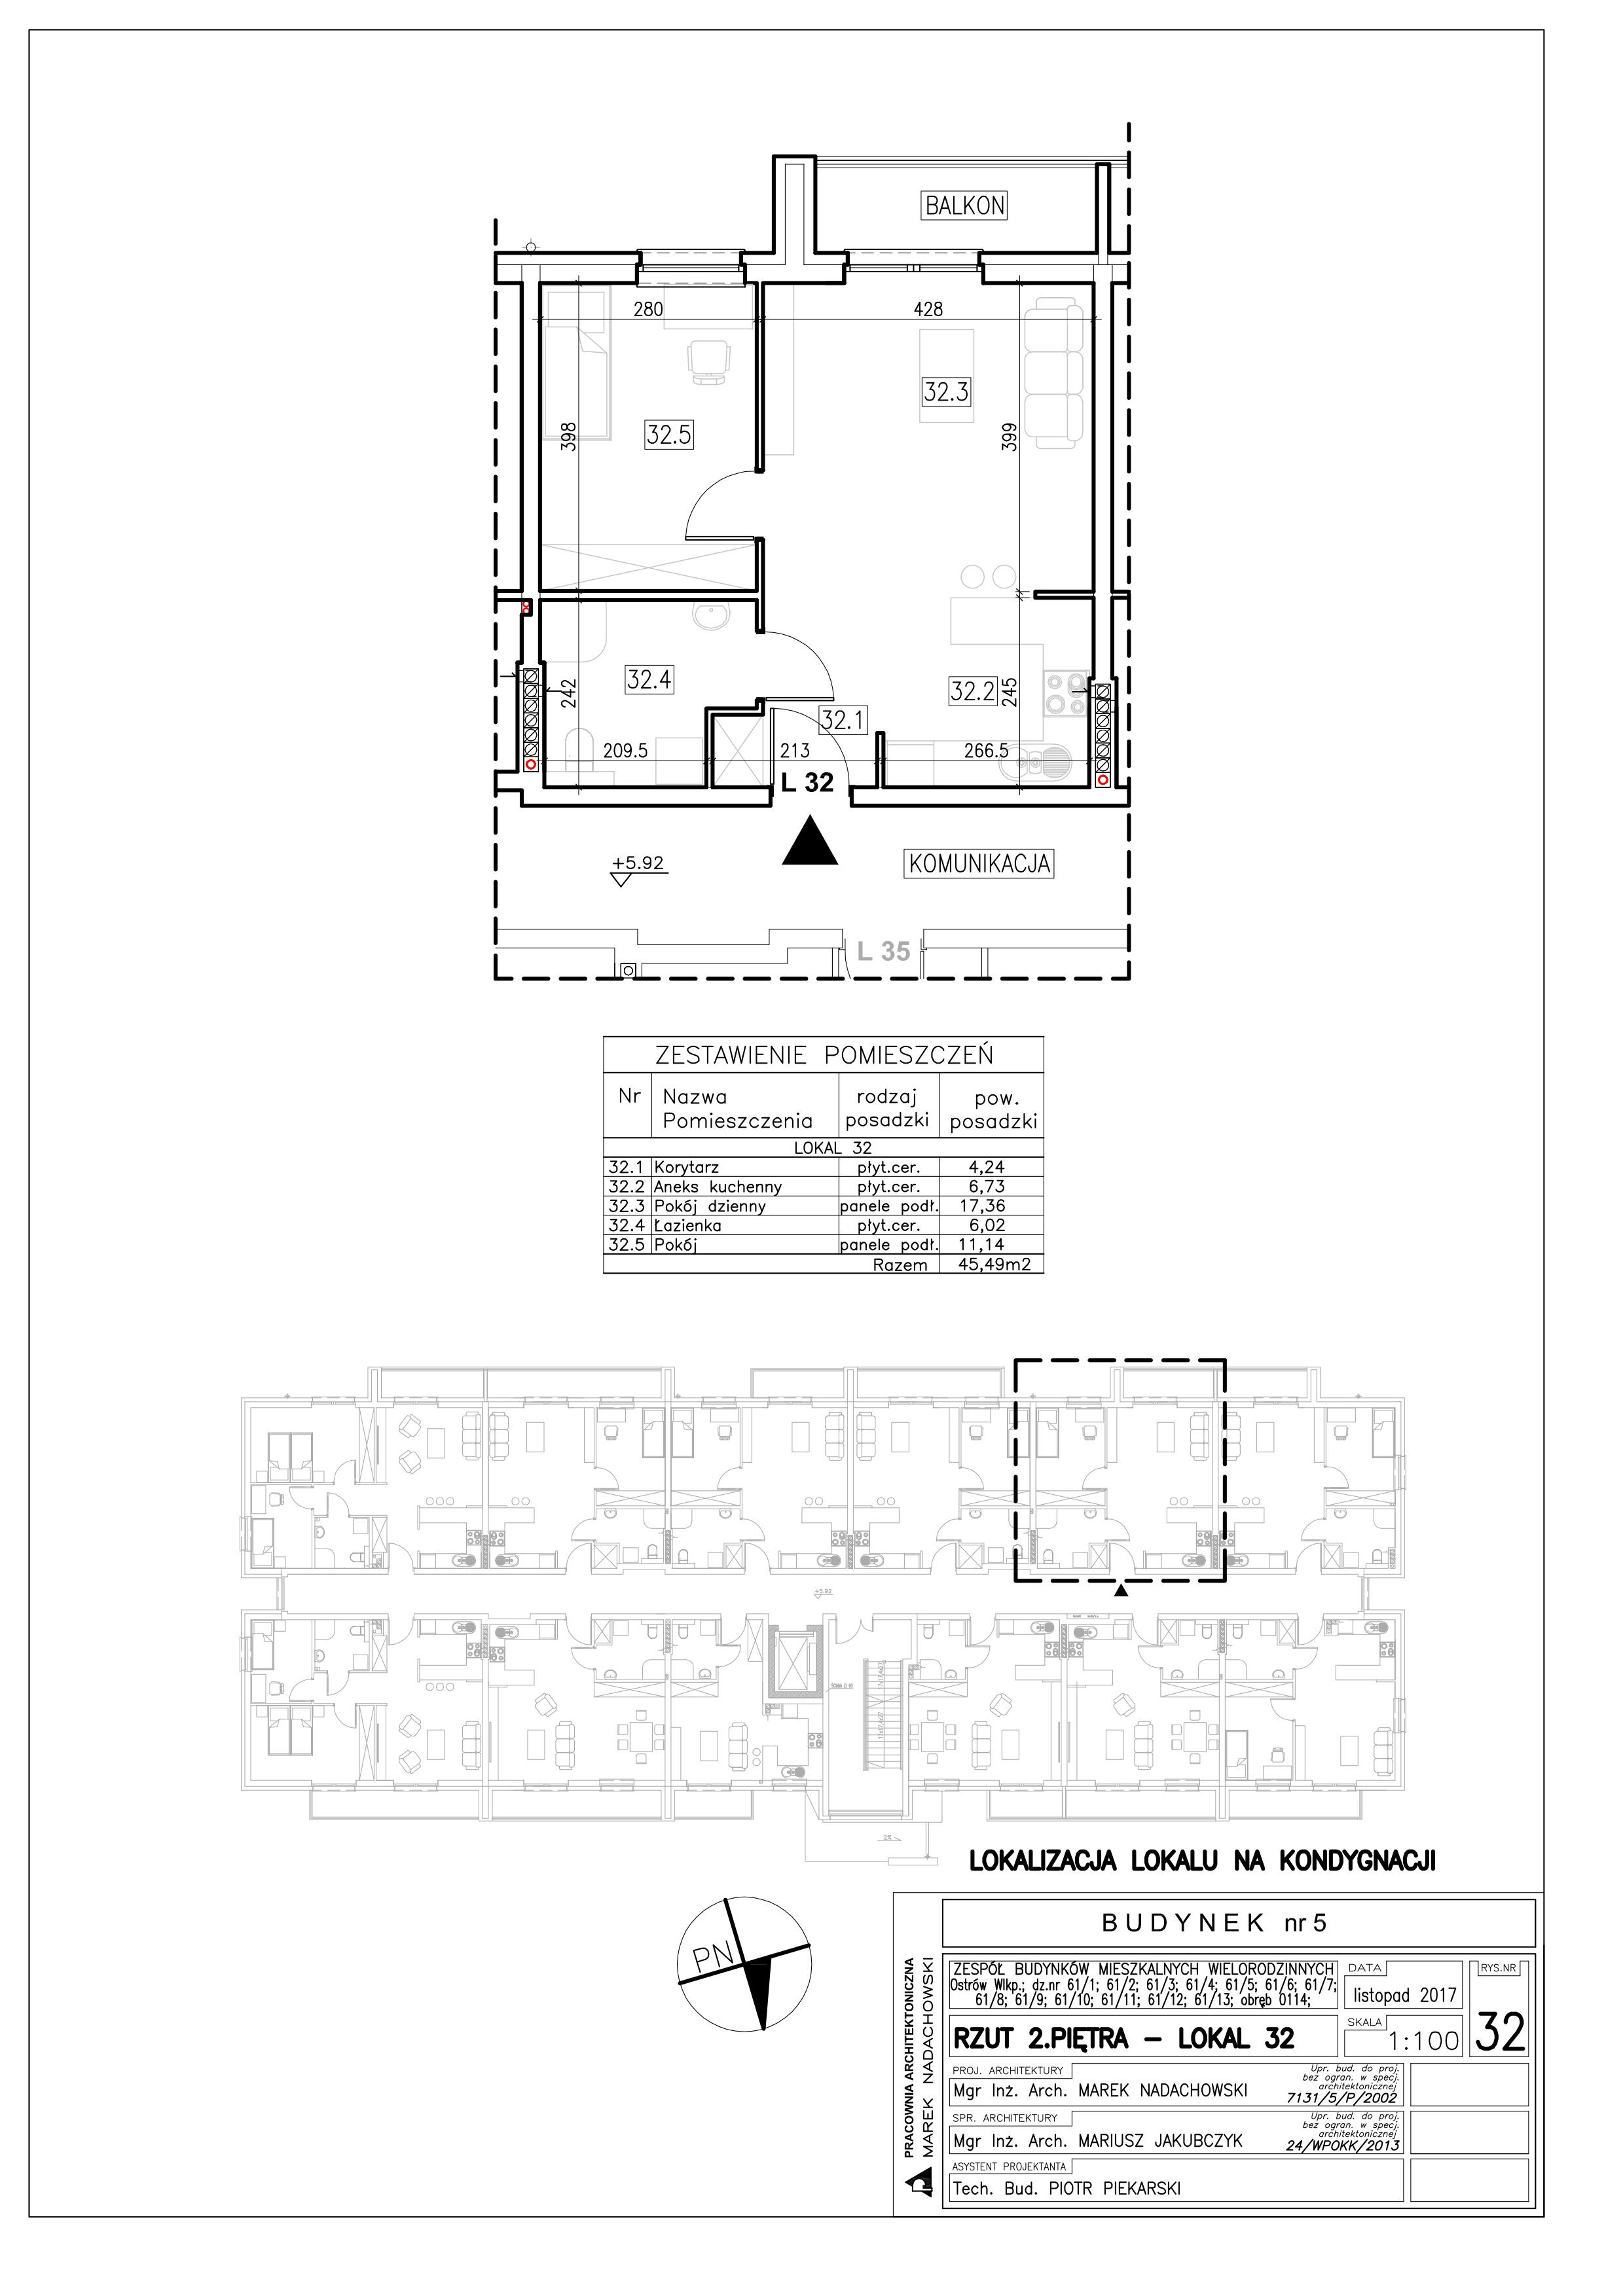 Lokal nr 32 Powierzchnia: 45,49 m2